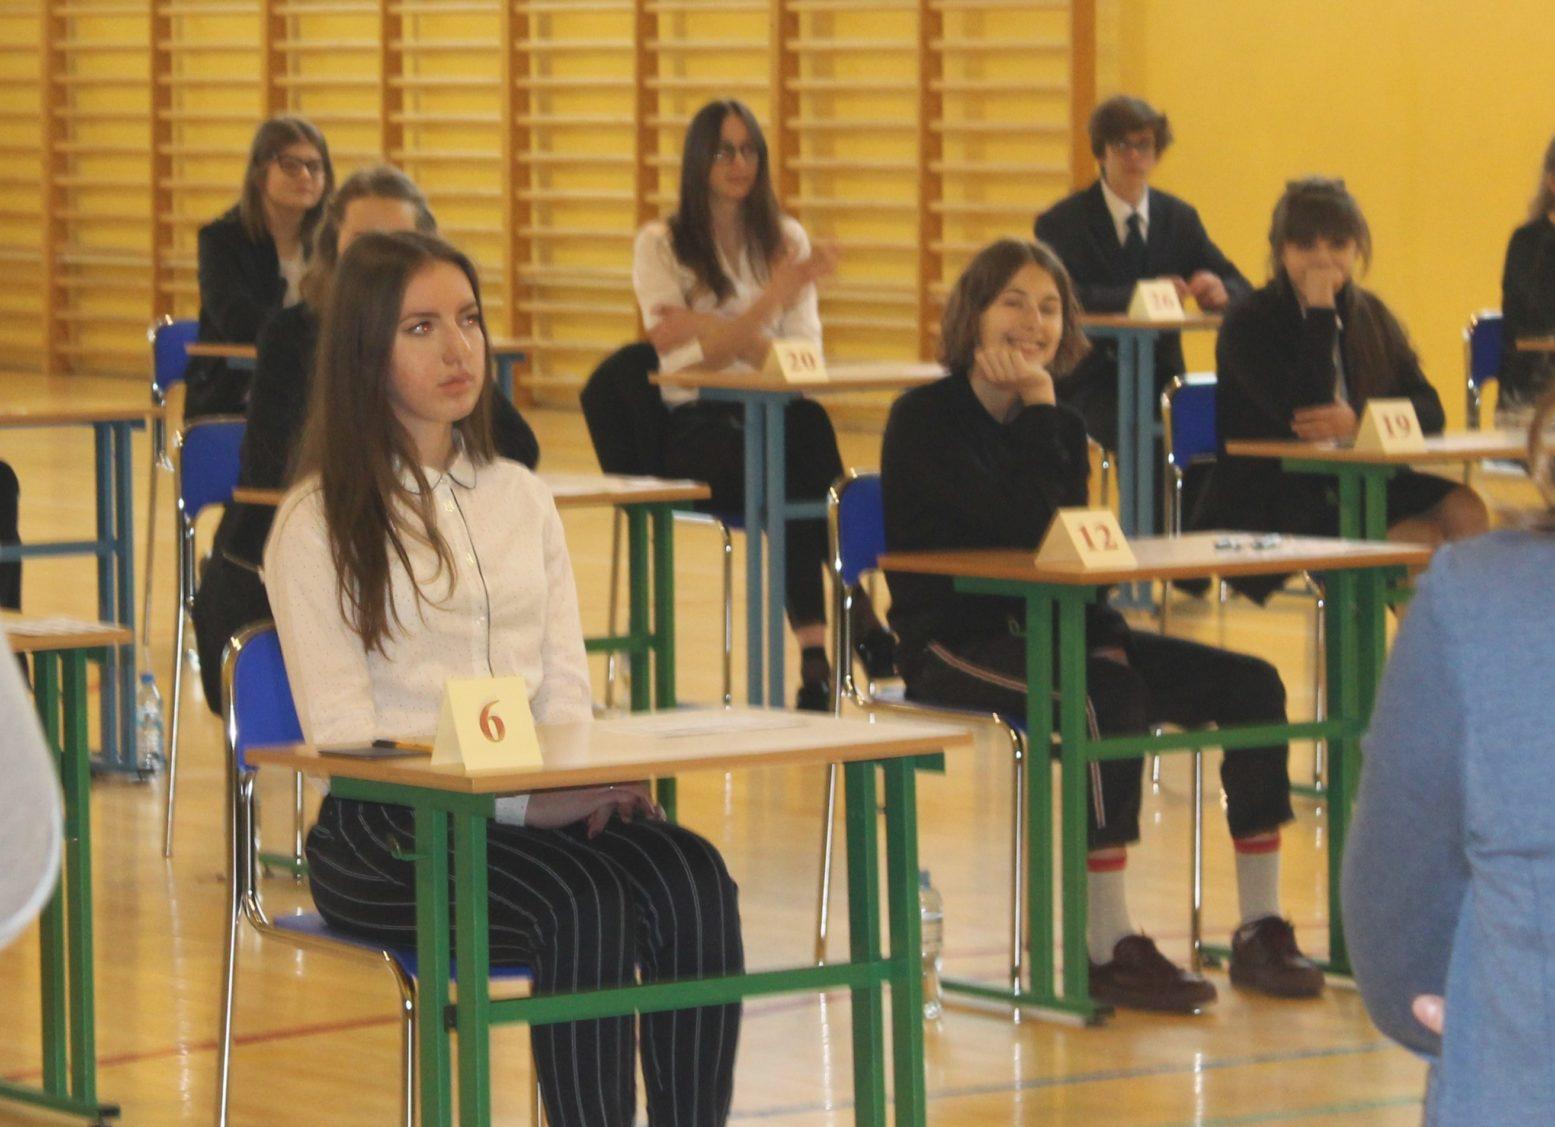 Uczniowie przystąpili do egzaminów. Jak przebiegają w Lubinie? (WIDEO)